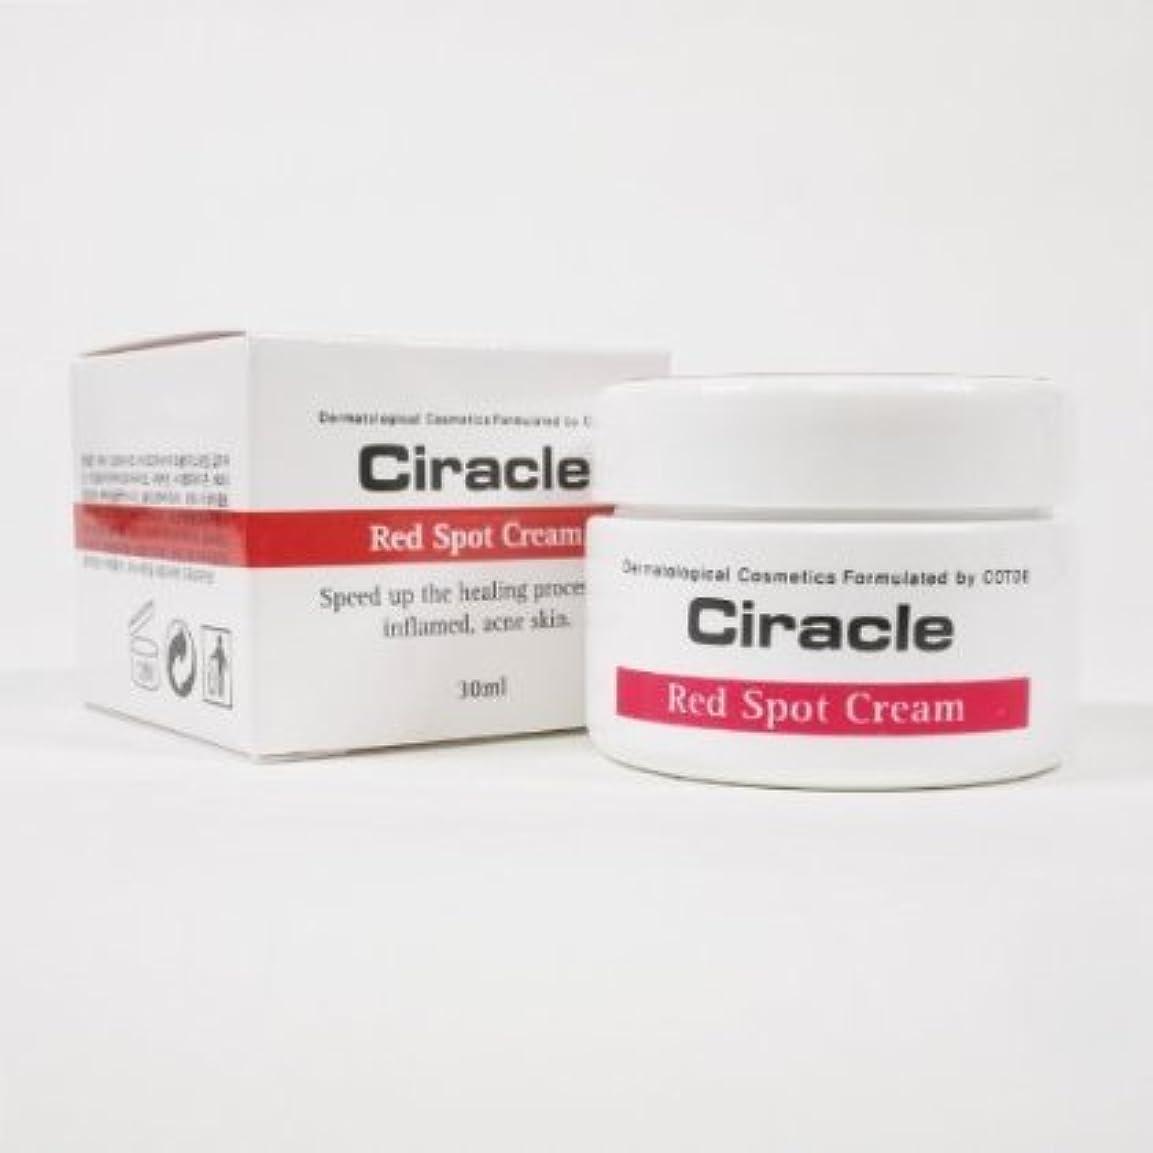 調整タイル結論Ciracle レッド スポット クリーム /Red Spot Cream (30ml )